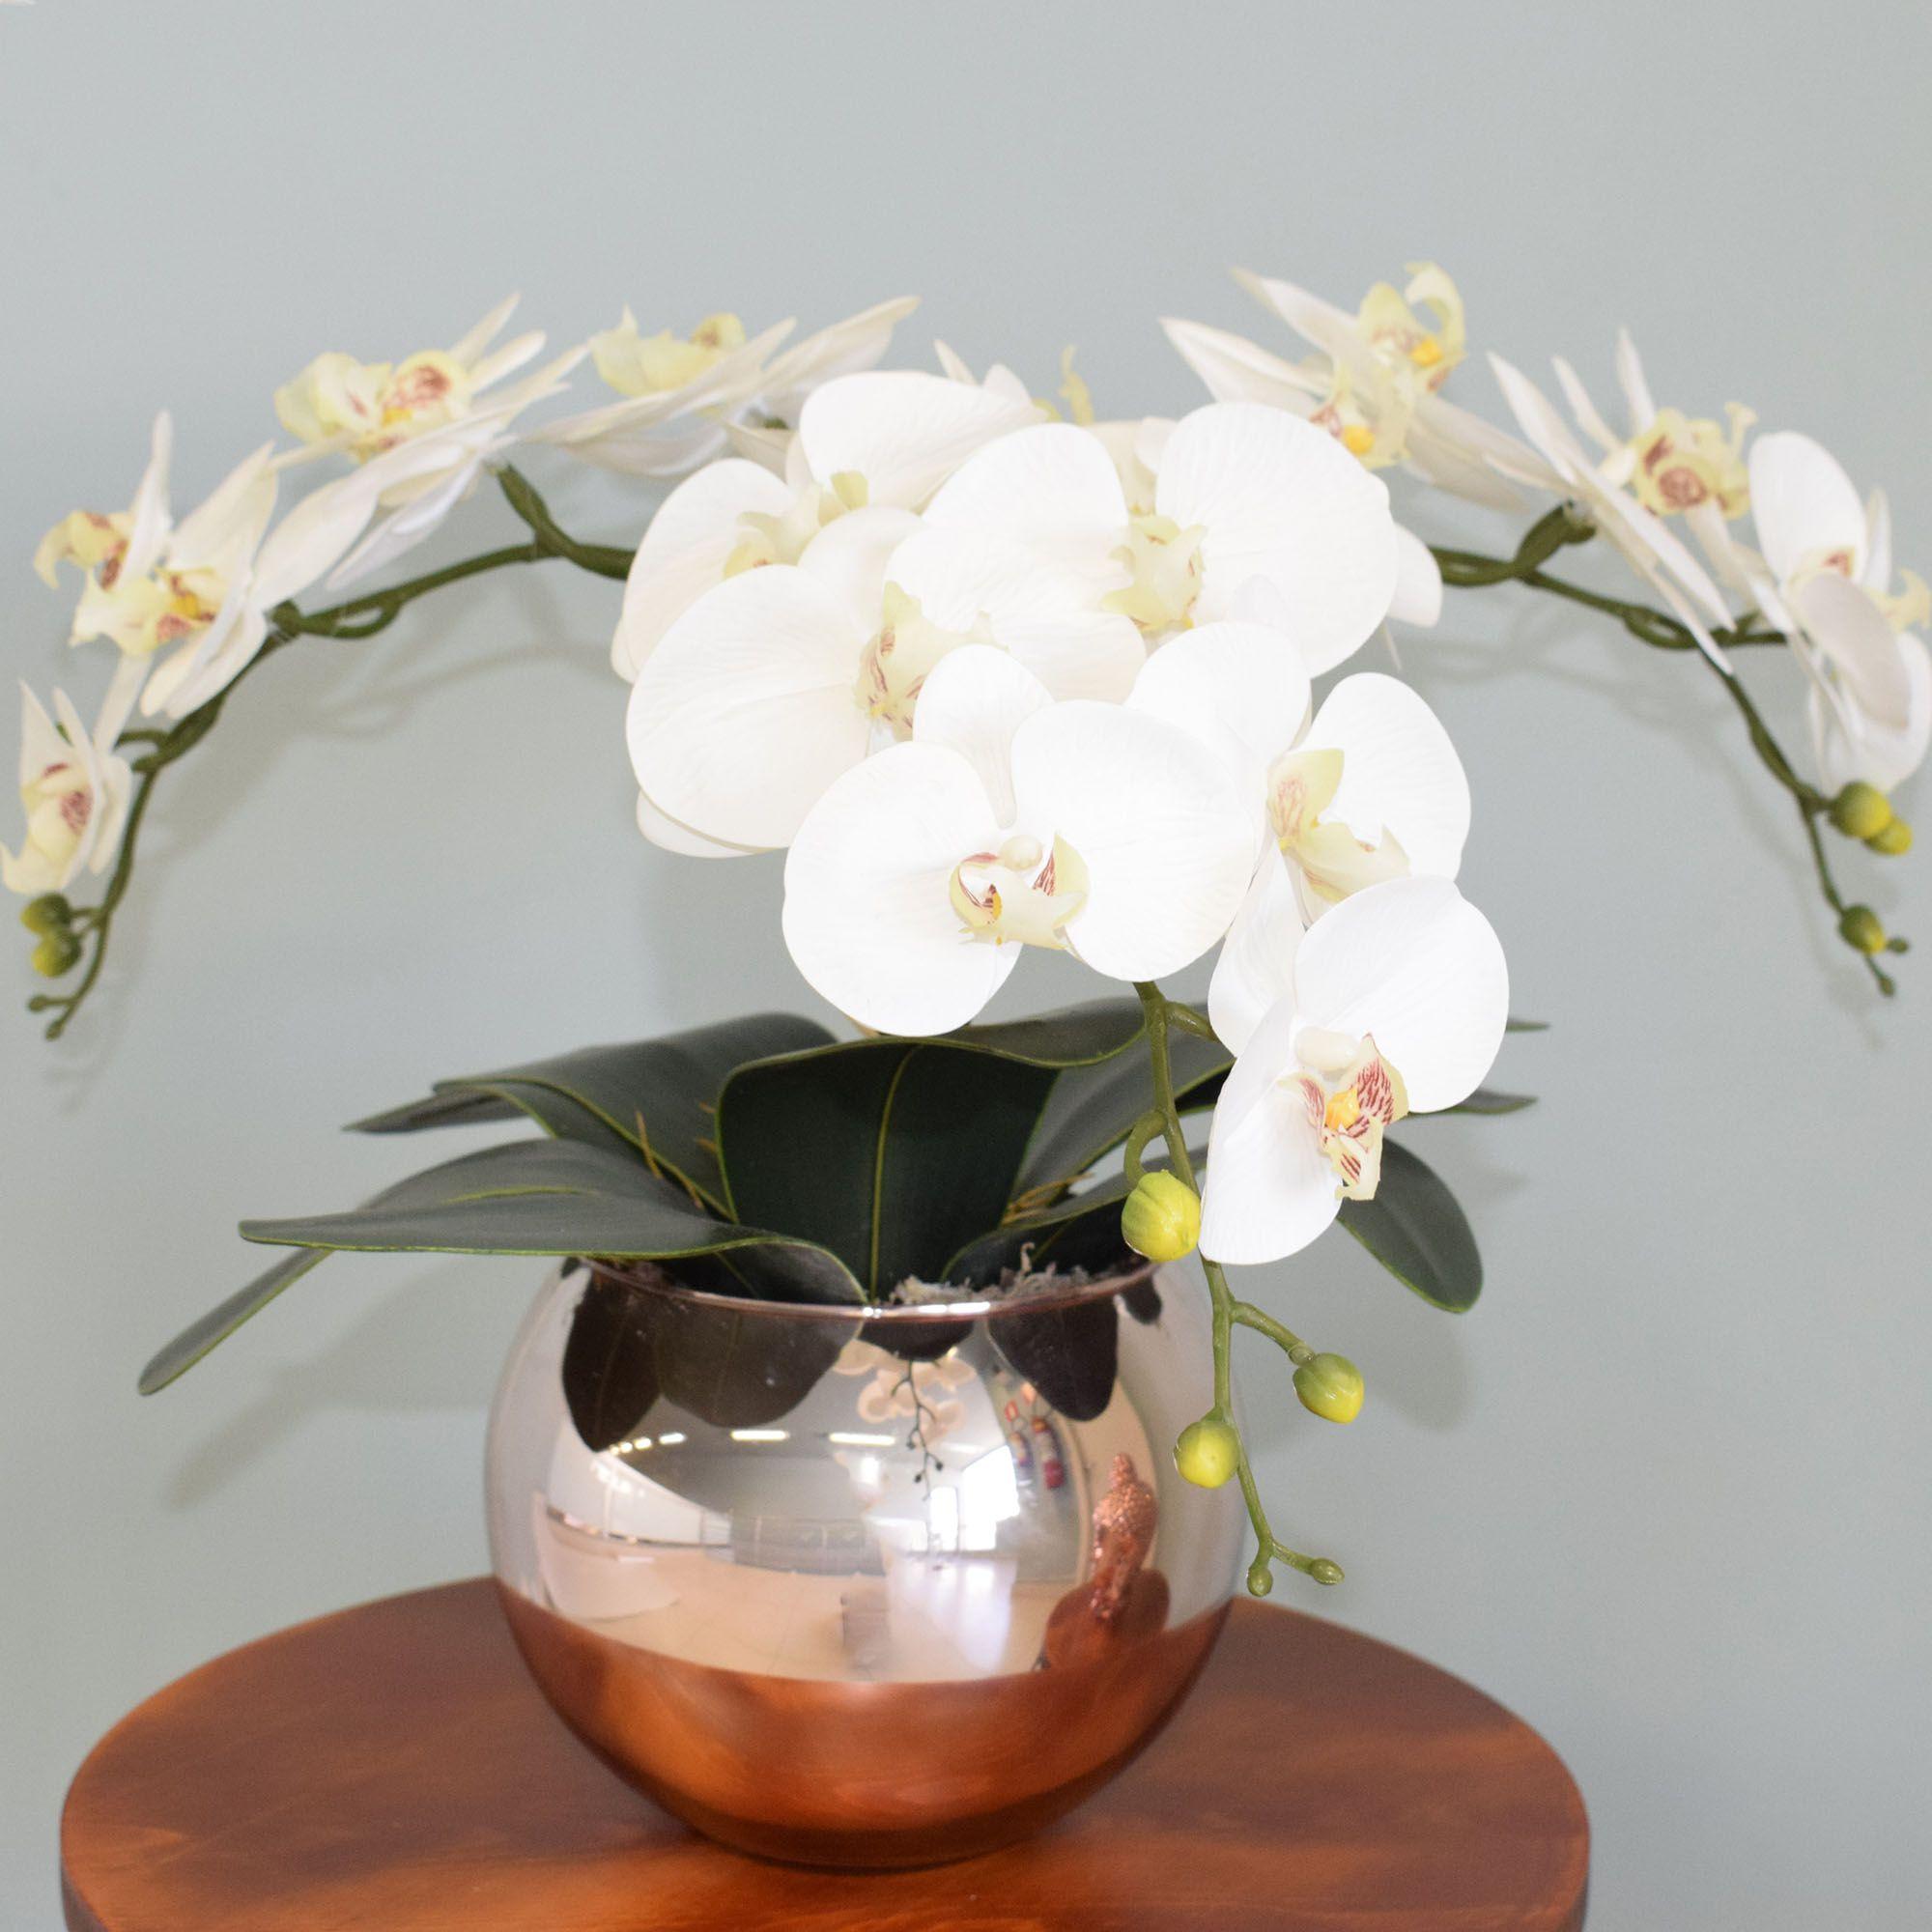 Arranjo de Orquídeas Artificiais de Silicone Brancas no Vaso Rose Gold